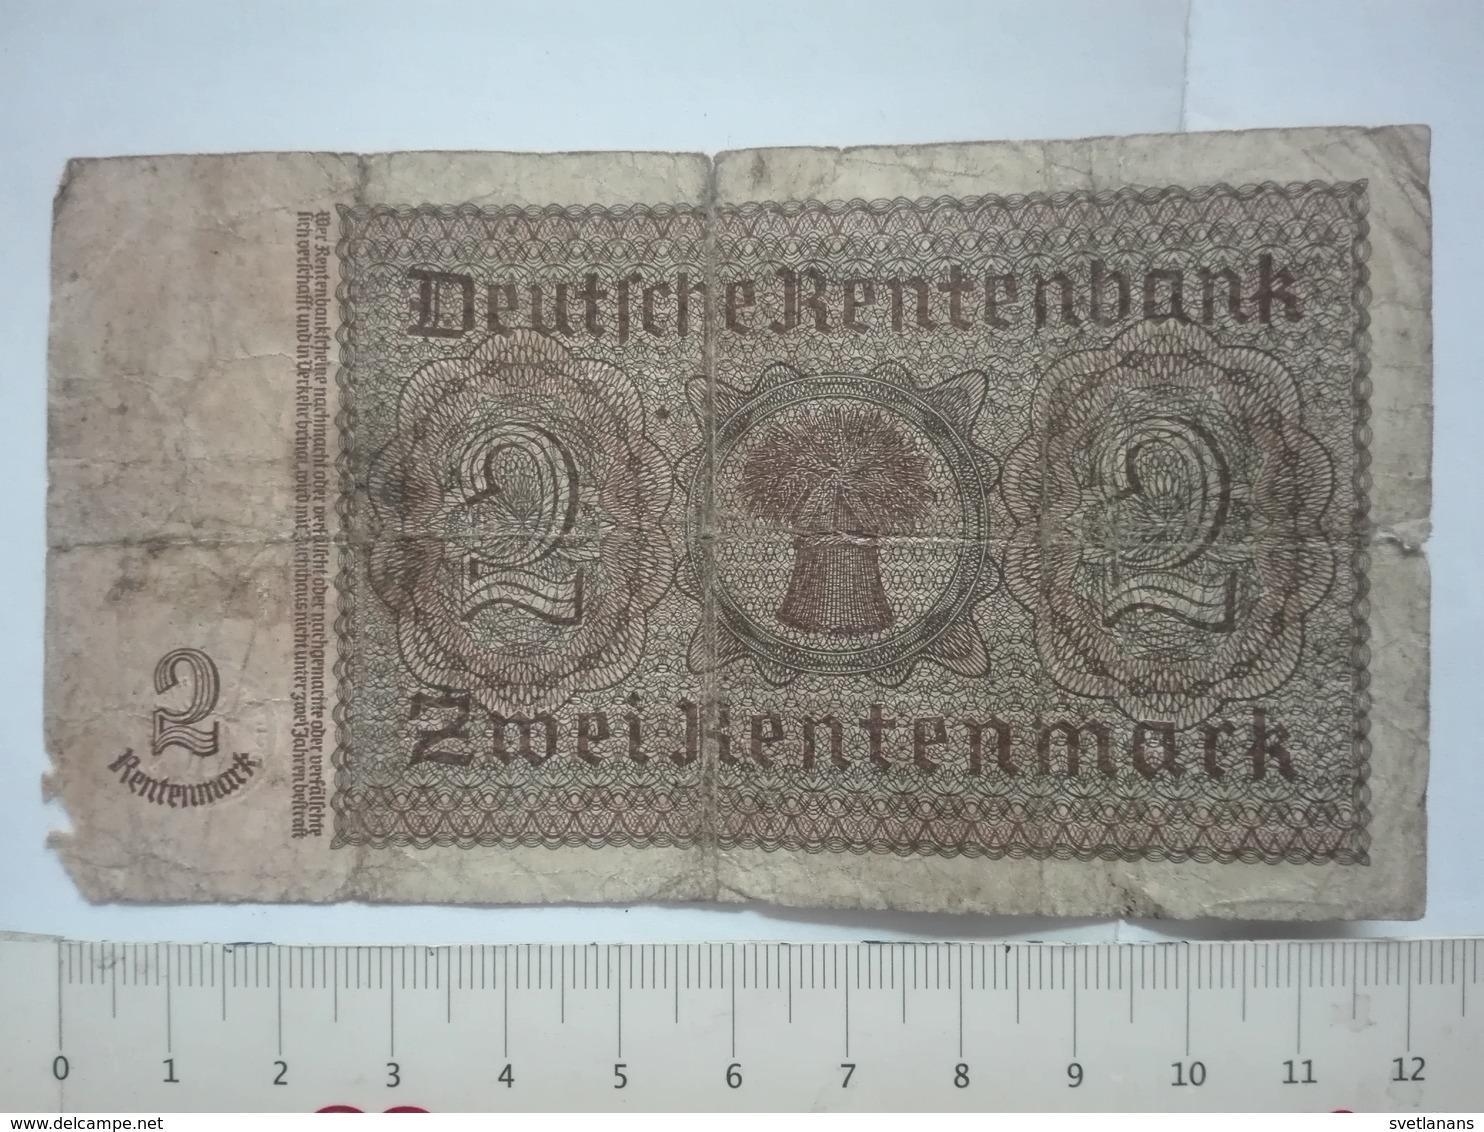 WWII WW2 2 DEUTSCHE RENTENMARK RENTENBANK MARK BANK BANKNOTE GERMANY CONCENTRATION CAMP KONZENTRATIONSLAGER KZ BERLIN - Unclassified